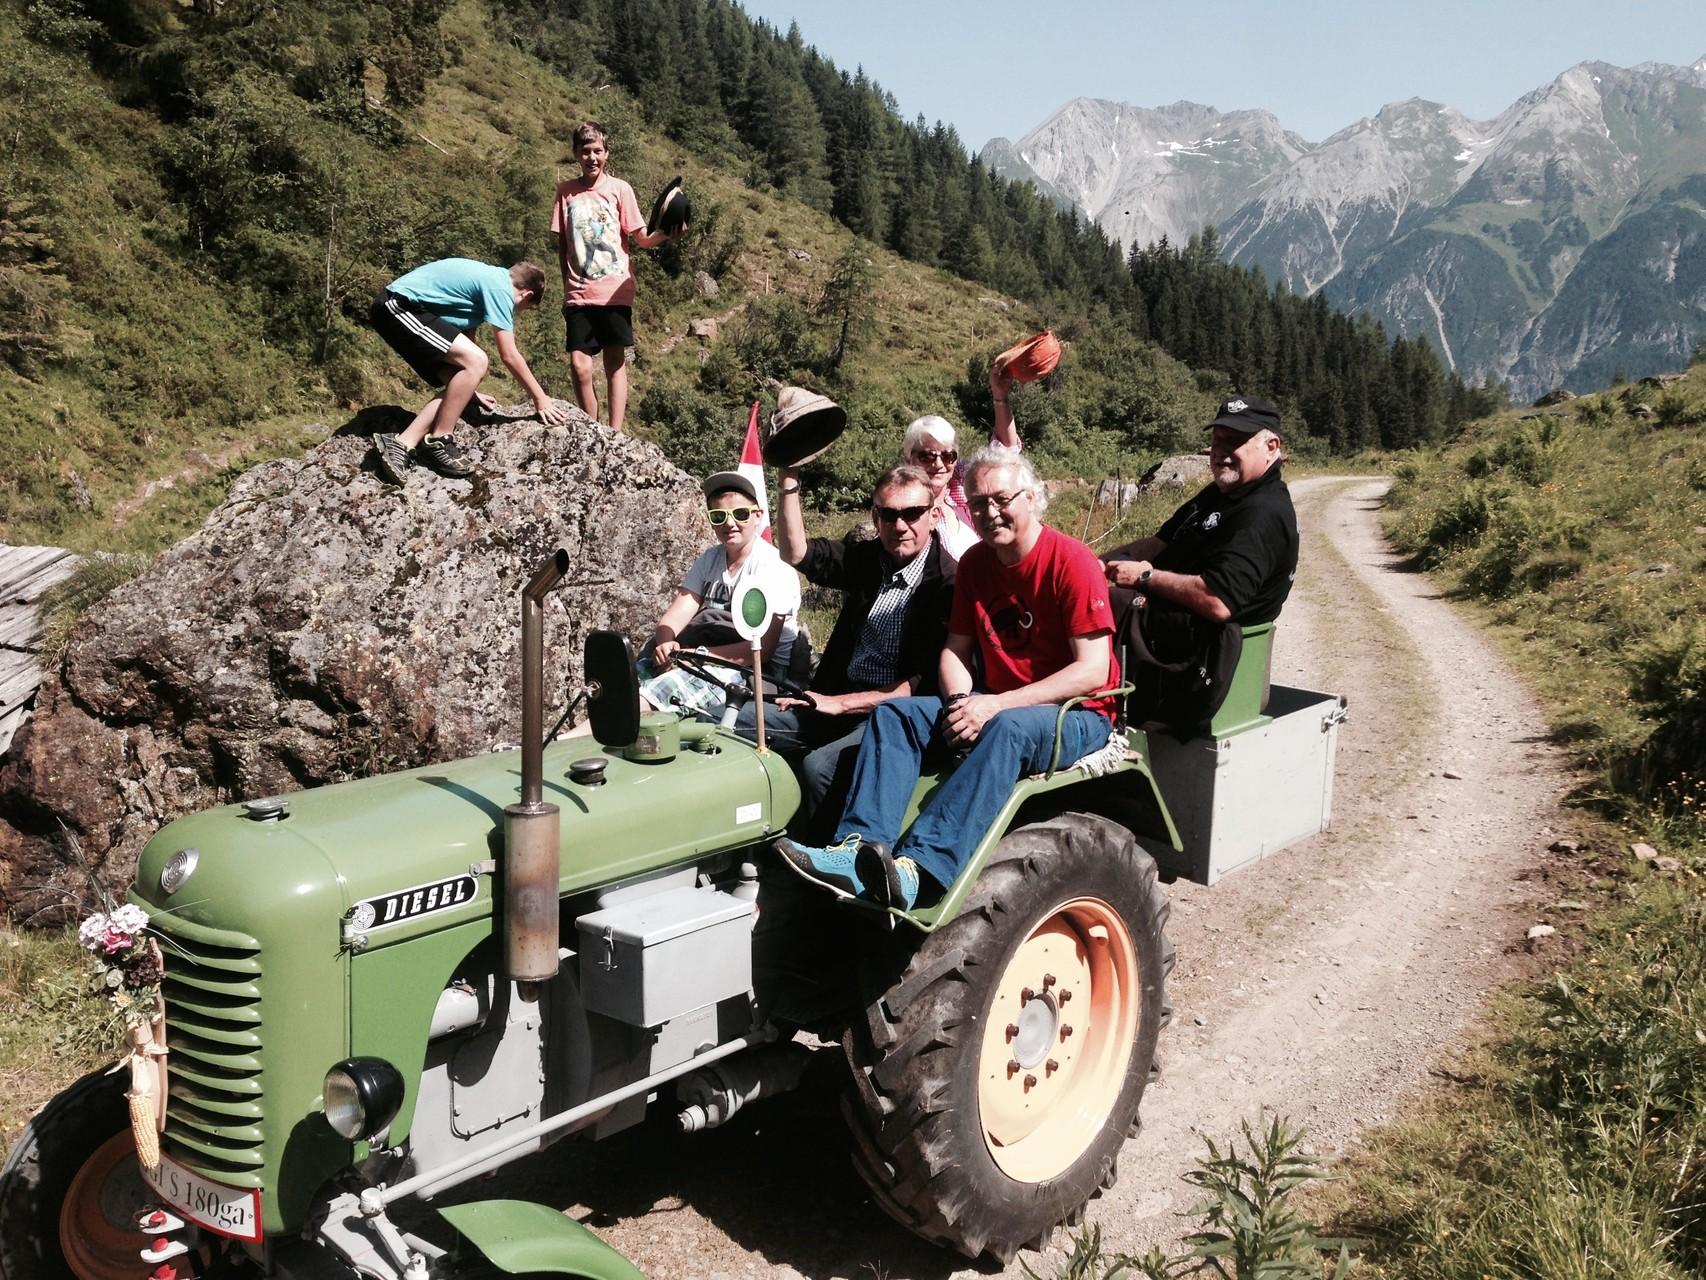 Siggis Traktor